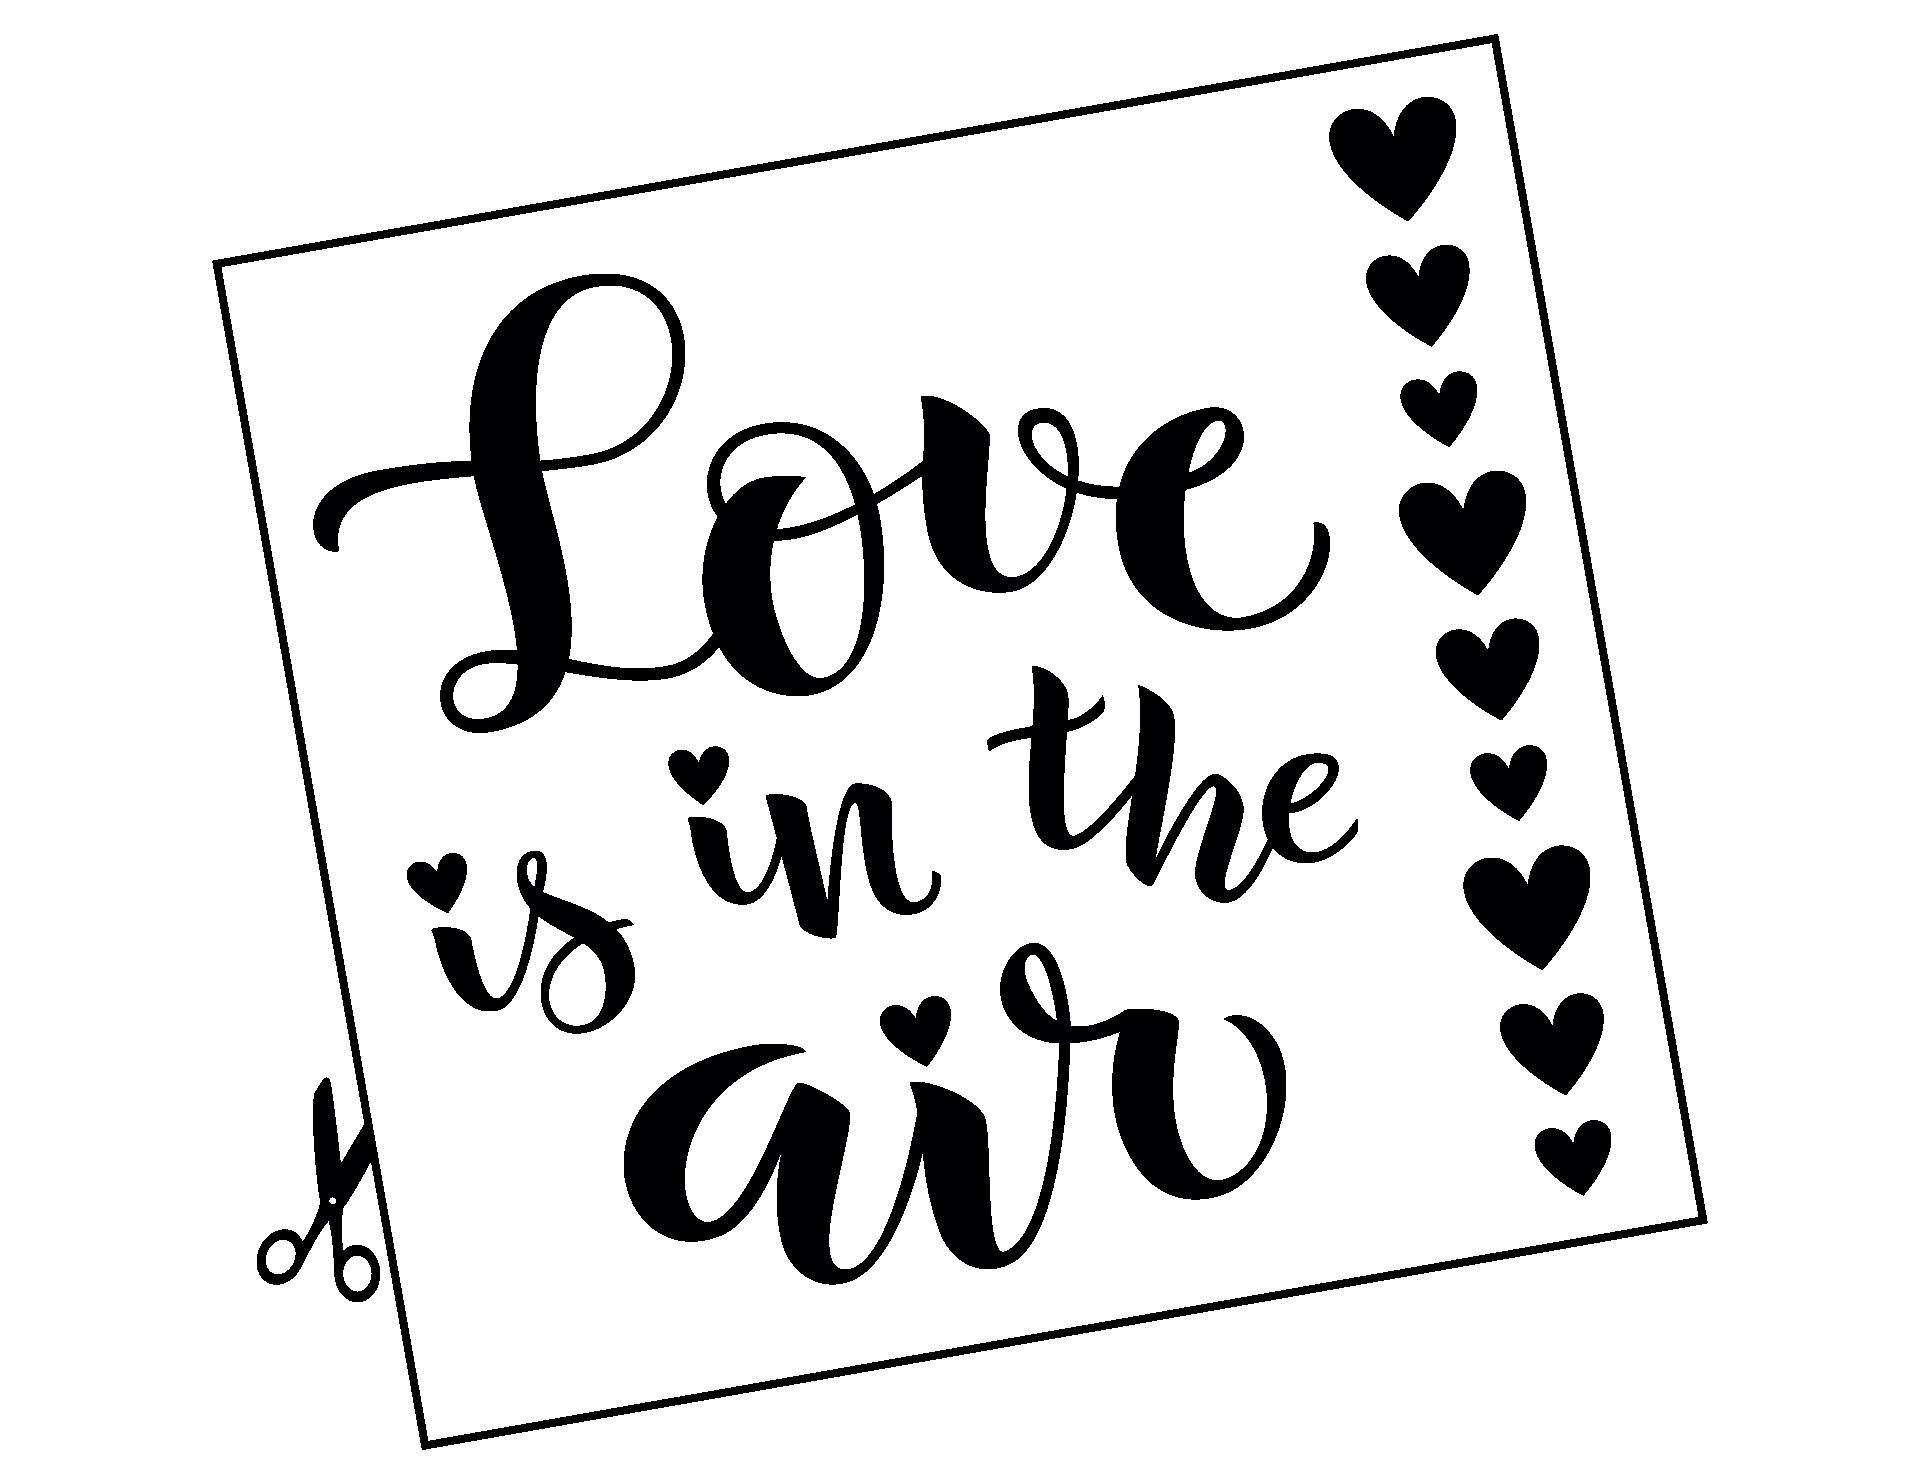 Farbe:braun Abmessungen: 134 x 54 x 7 mm braun Deckplatte f/ür Einlass-Gurtwickler Gurtomat Lochabstand: 104 mm Verf/ügbare Farben: wei/ß von EVEROXX f/ür Gurtbreite: 23 mm